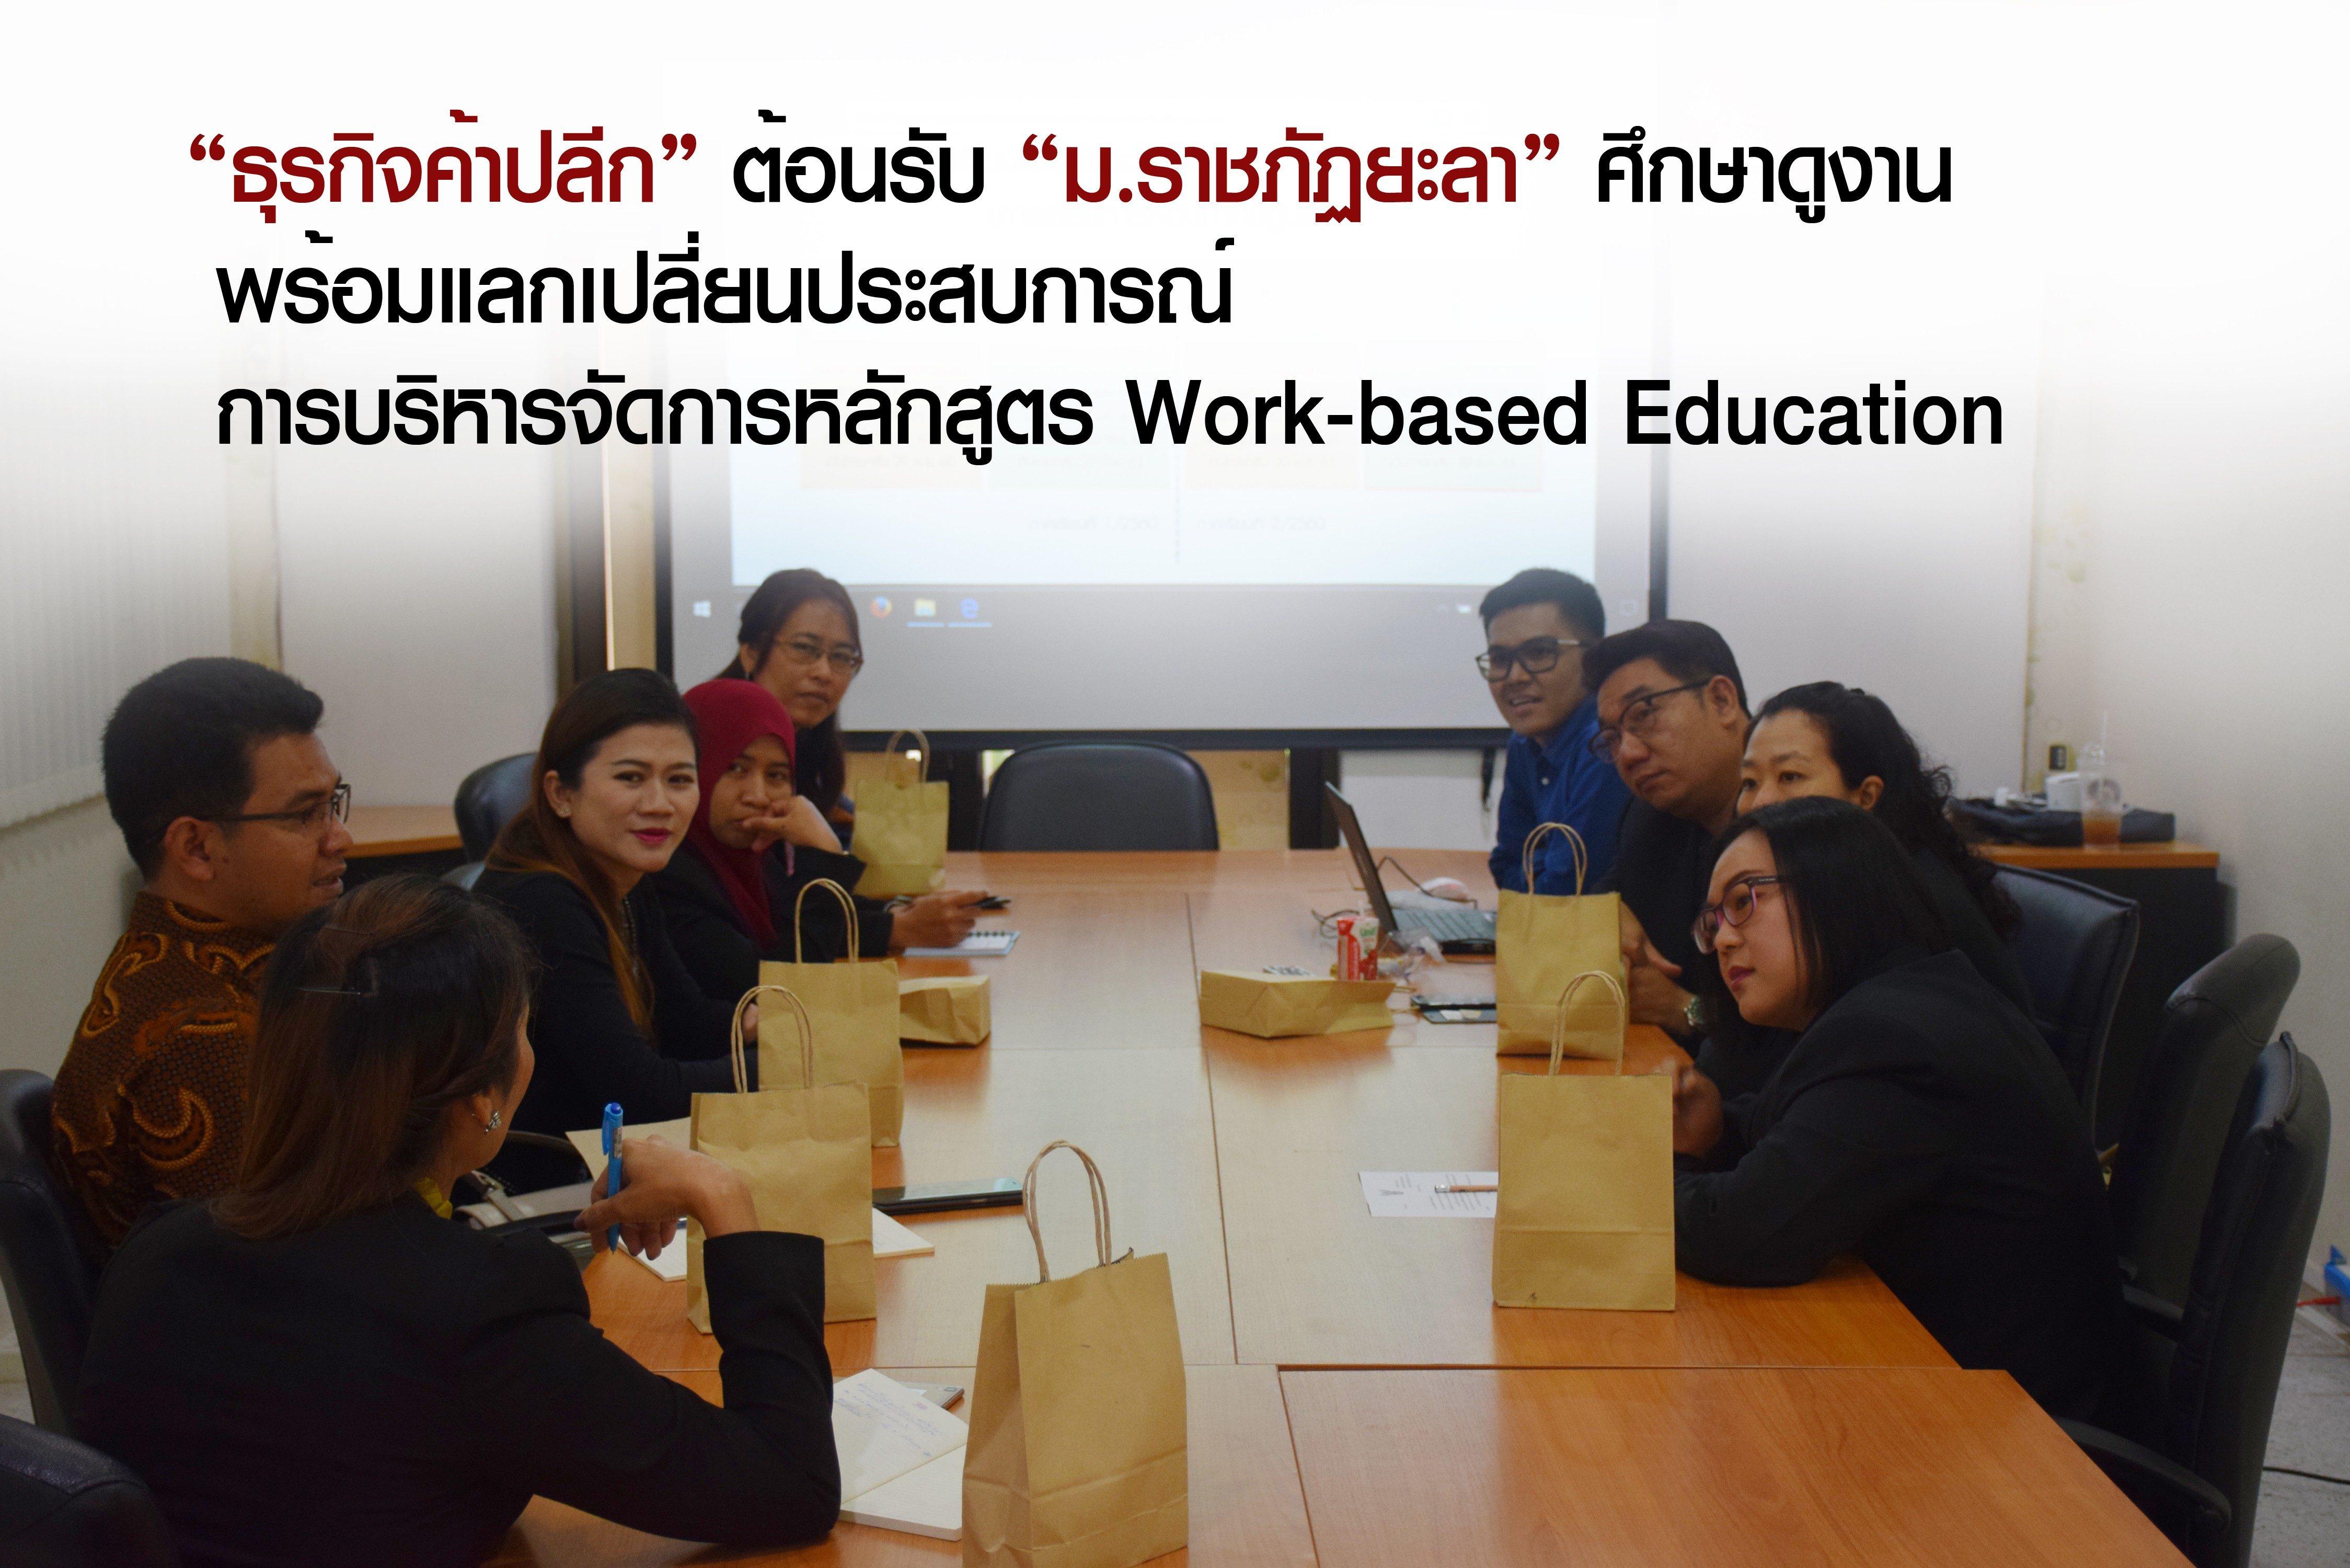 """""""ธุรกิจค้าปลีก"""" ต้อนรับ """"ม.ราชภัฏยะลา"""" ศึกษาดูงานพร้อมแลกเปลี่ยนประสบการณ์การบริหารจัดการหลักสูตร Work based Education"""